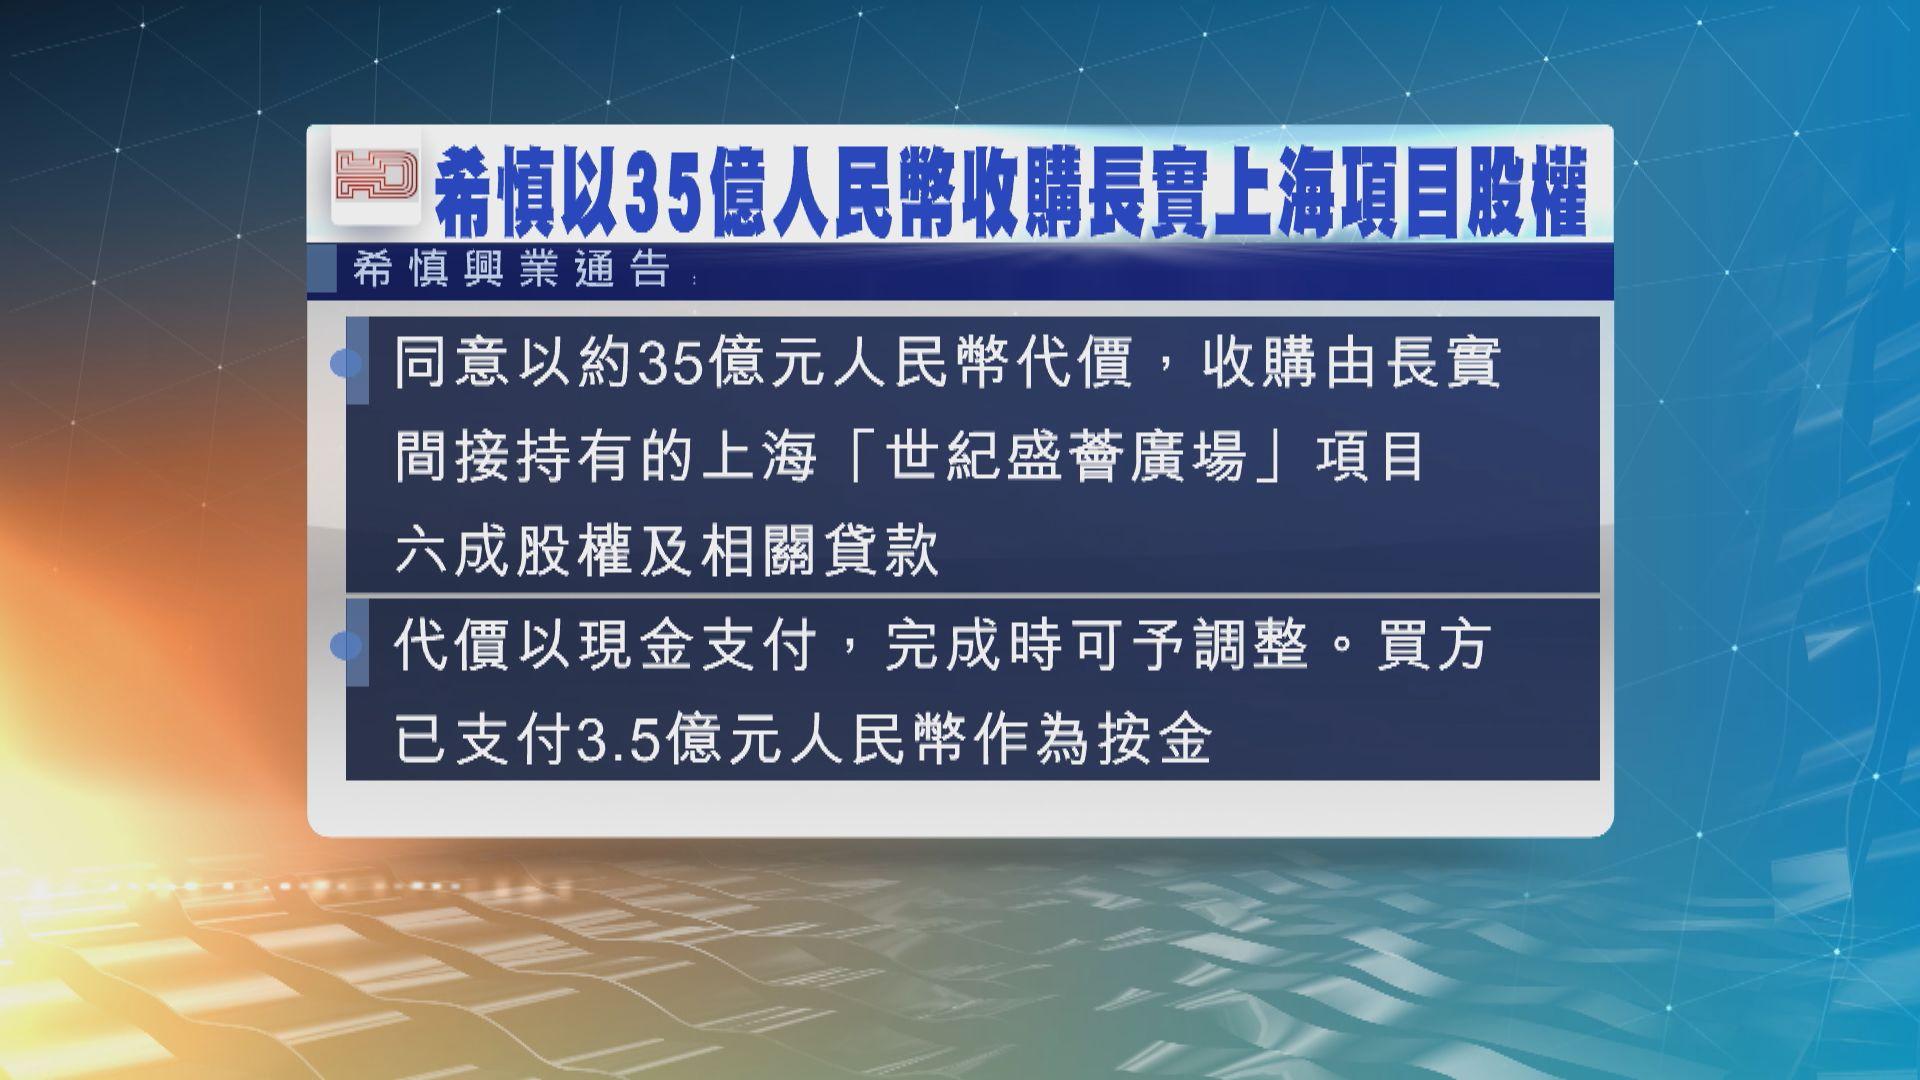 希慎興業同意以35億人民幣代價收購長實持有的一個上海項目股權